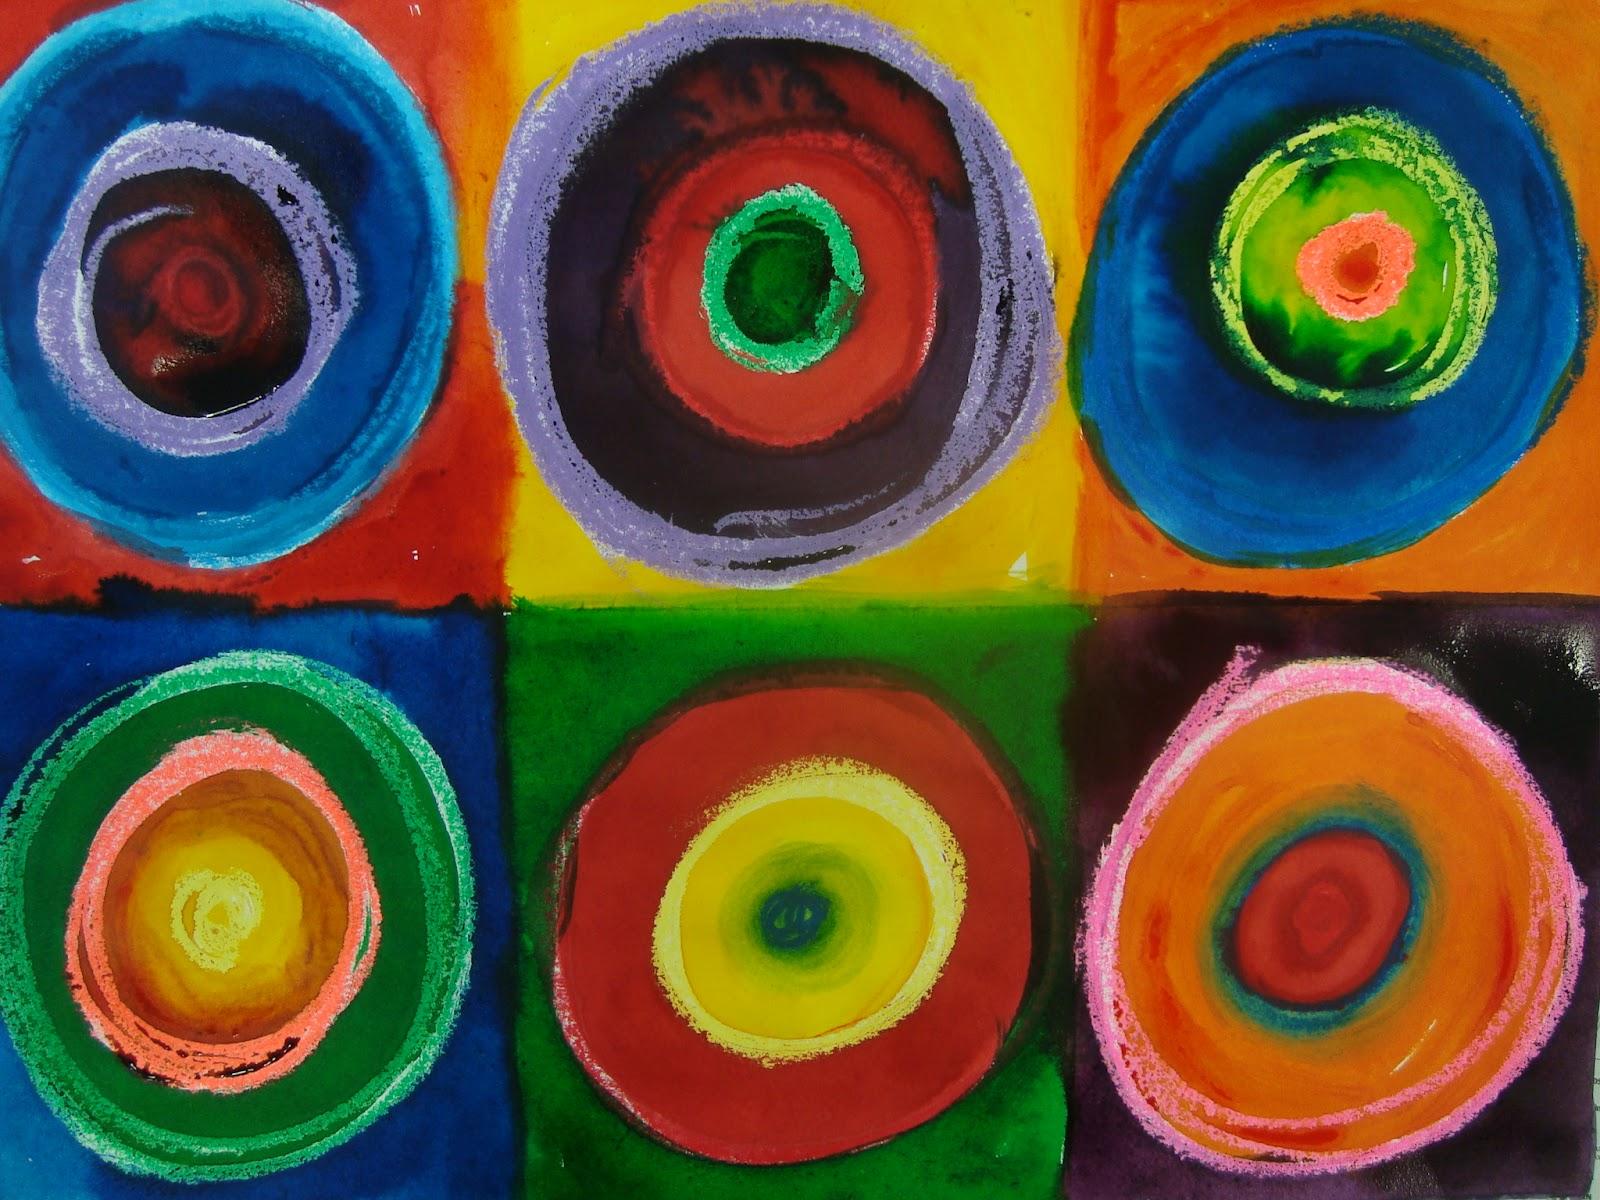 Kandinsky circle paintings